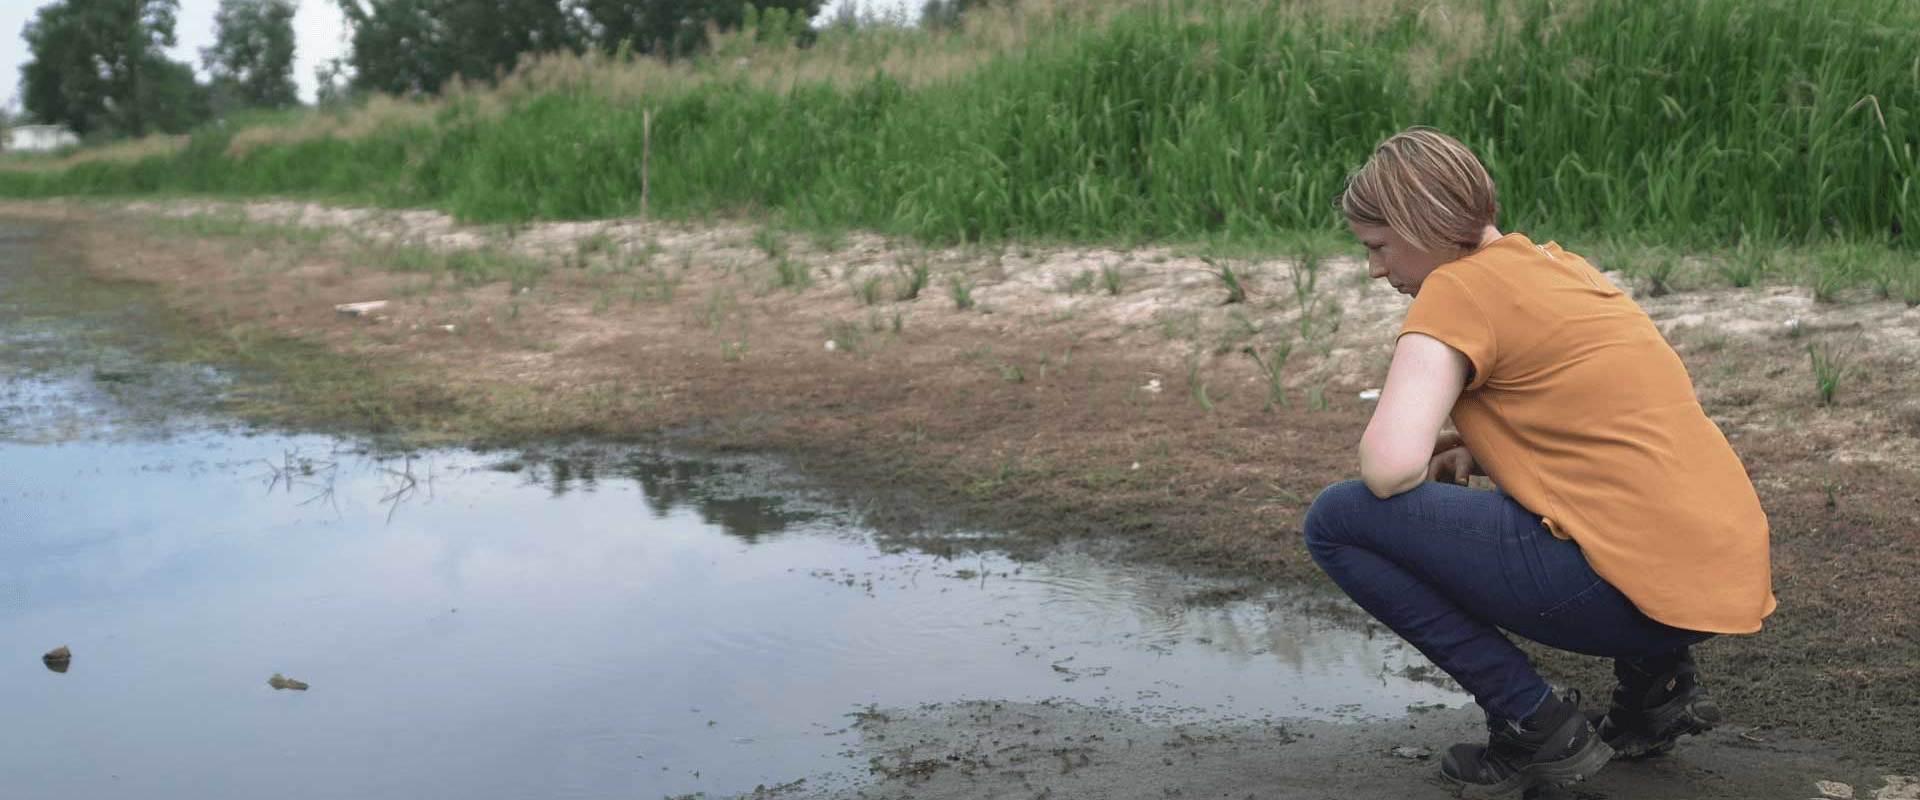 Ökofilmtour online: Auf dem Trockenen: Der neue Kampf ums Wasser